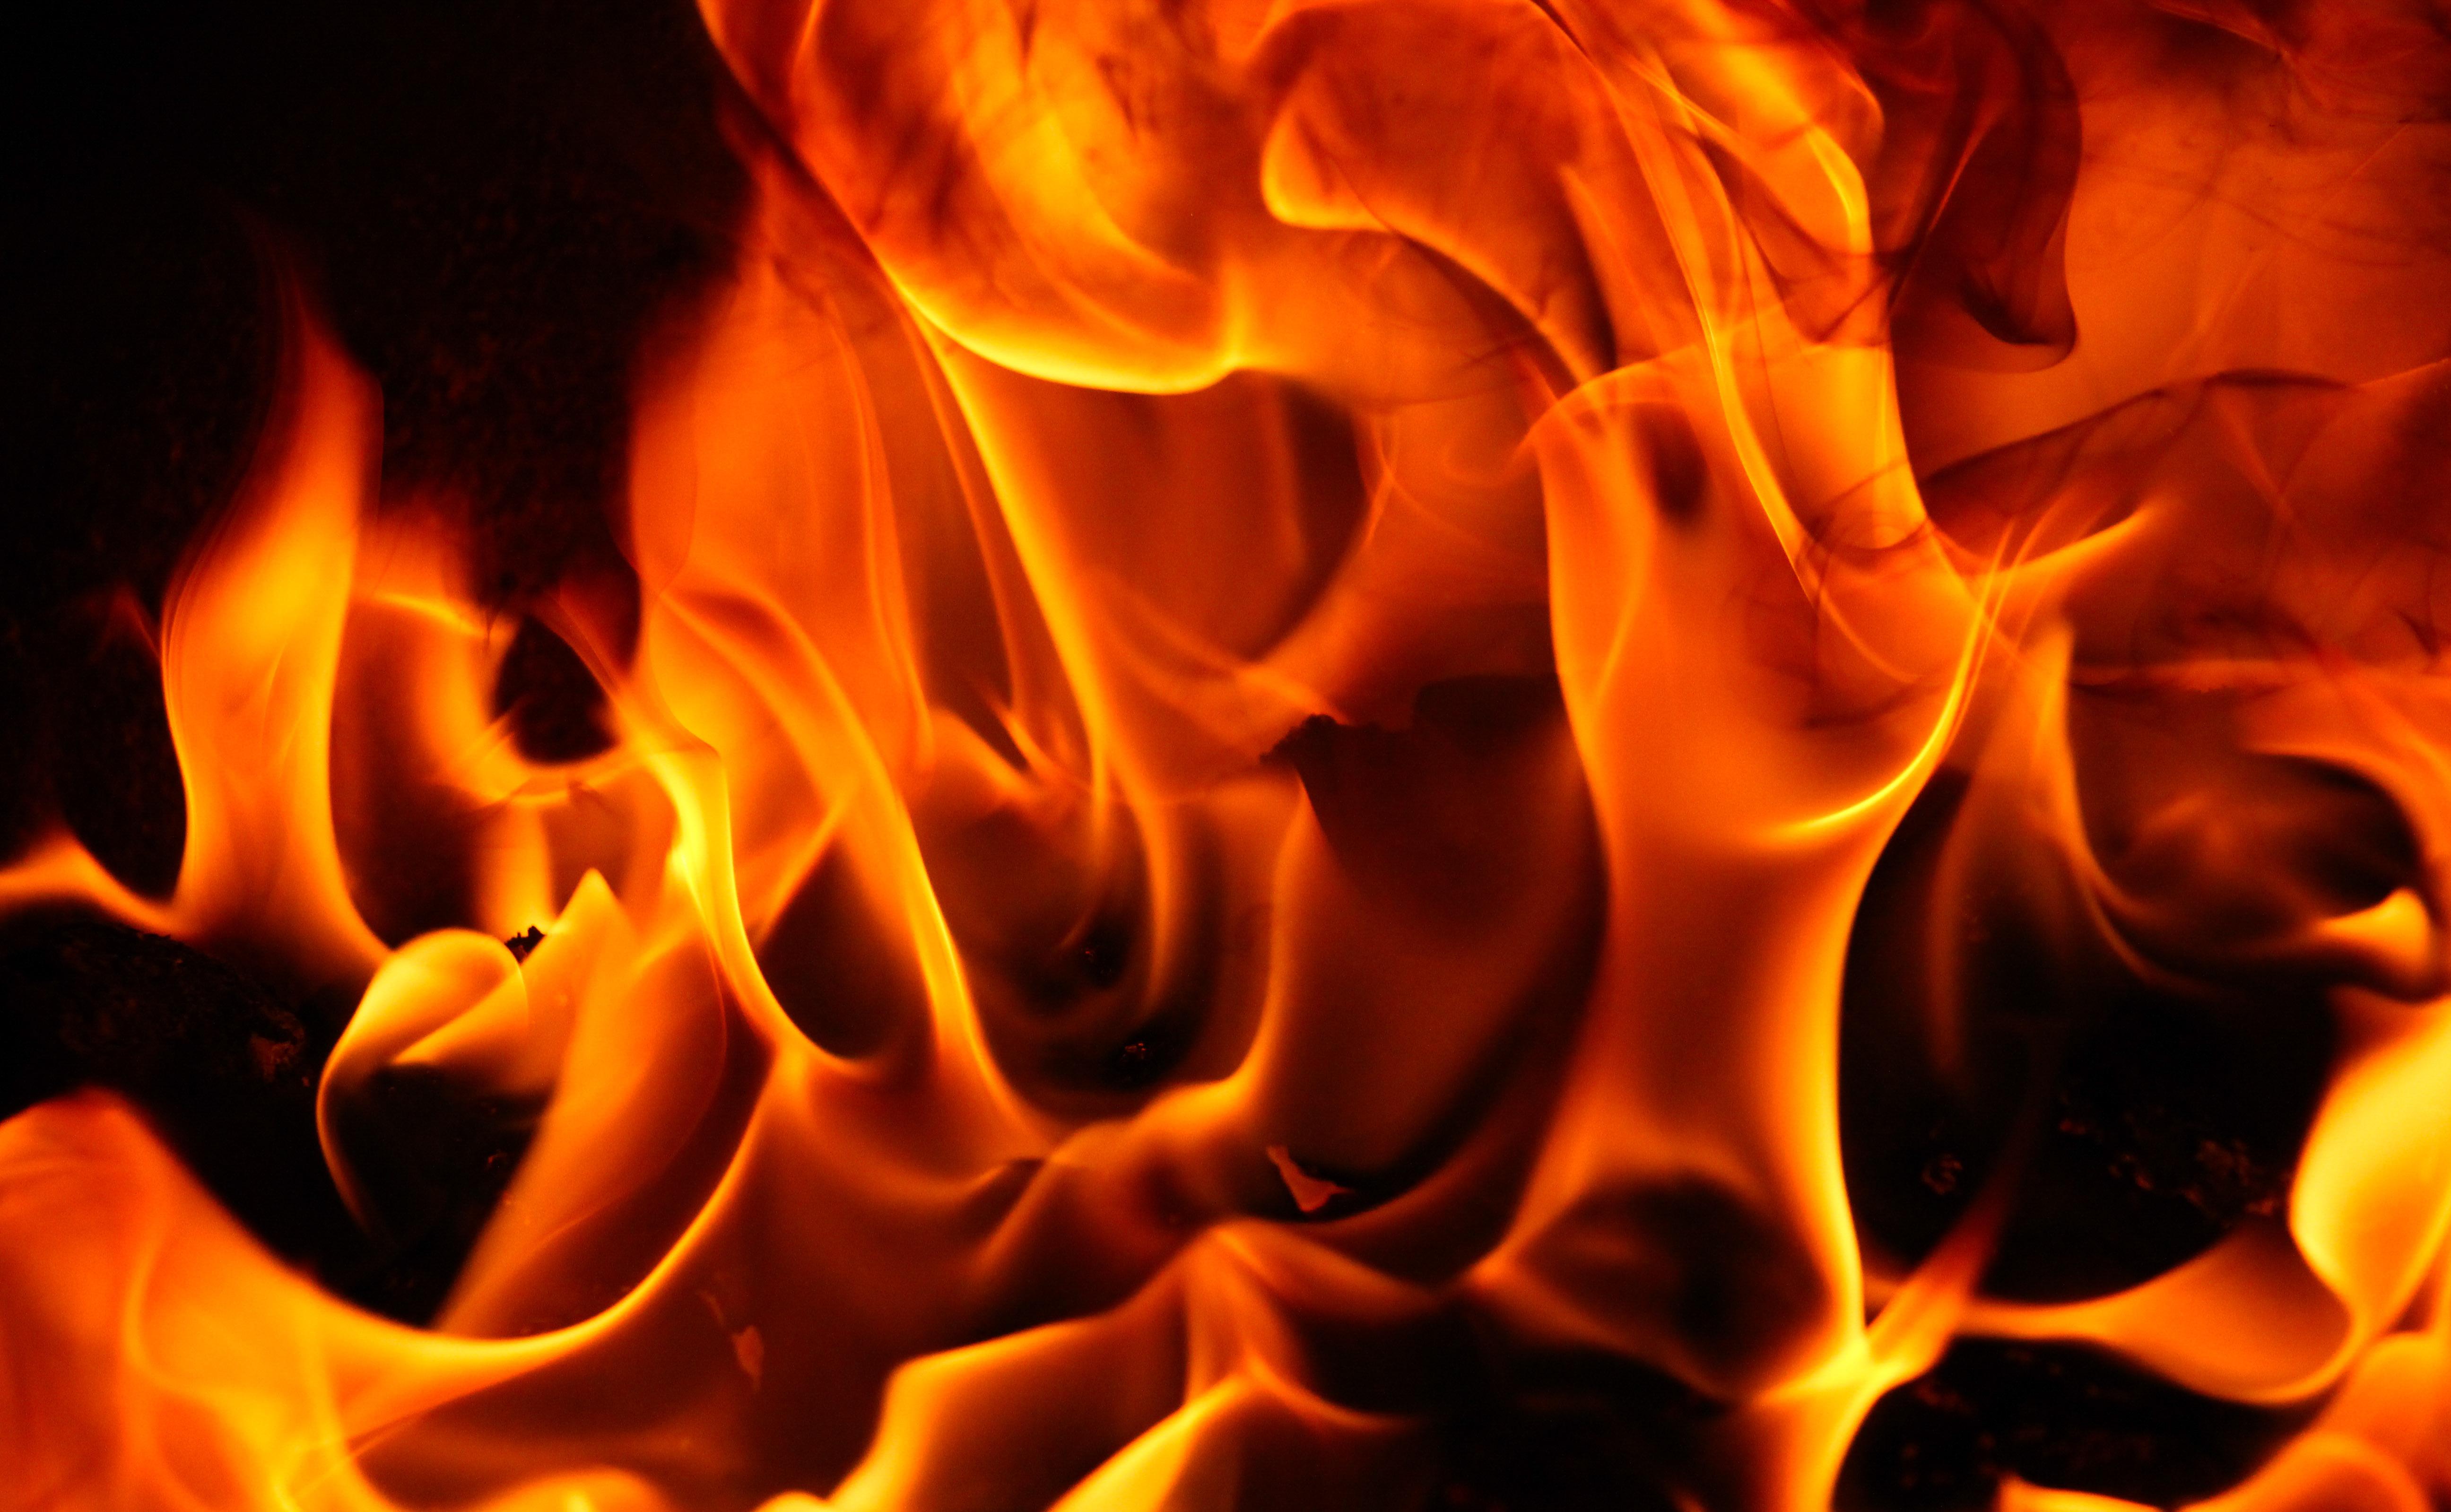 fire texture red hot burn blazing fiery element power wallpaper ...